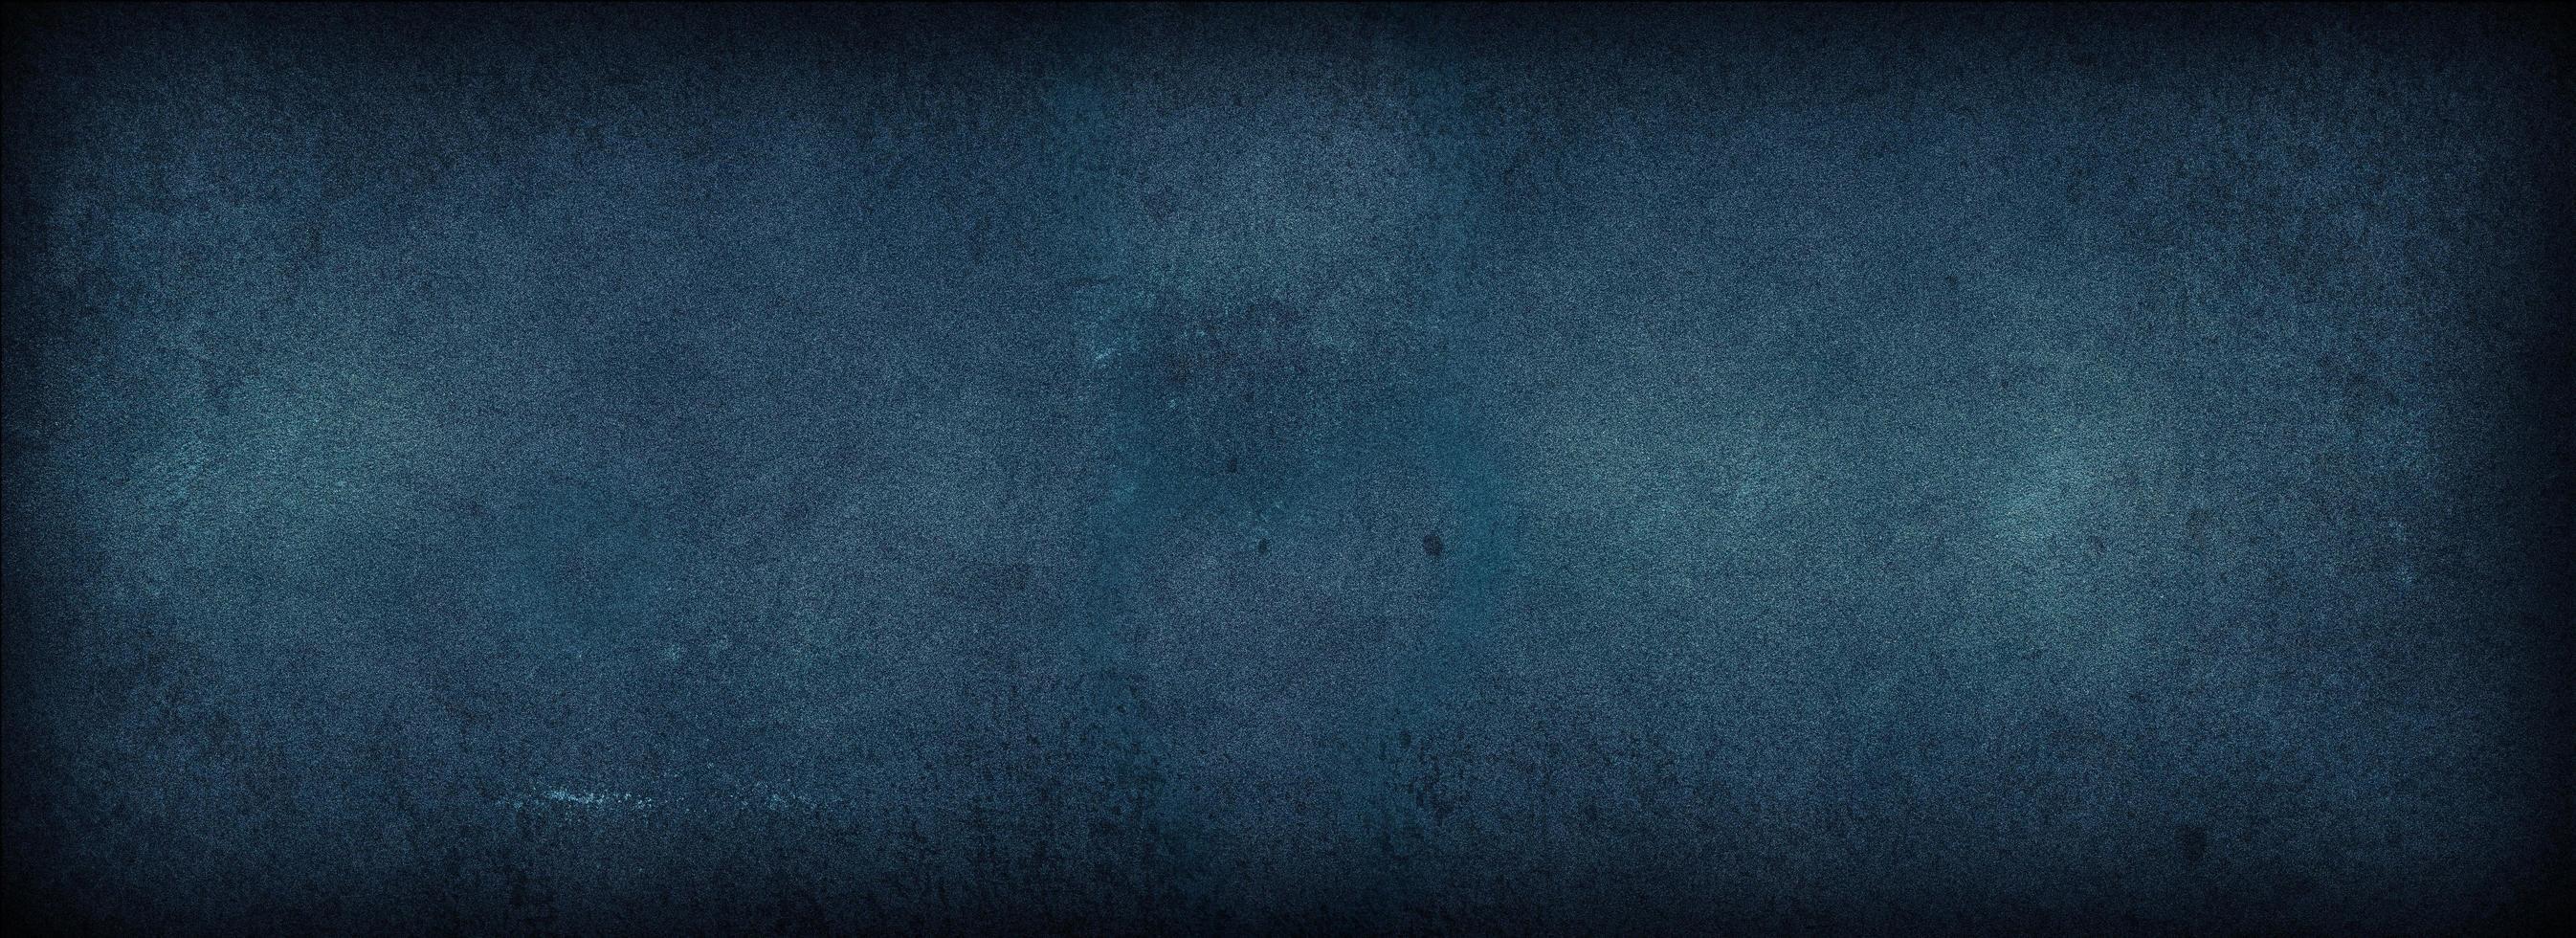 https fr vecteezy com photo 1884546 abstrait grunge decoratif bleu sombre mur fond bleu fonce beton arriere plans avec texture rugueuse sombre papier peint espace pour utilisation de texte pour design decoratif page web banniere cadres papier peint